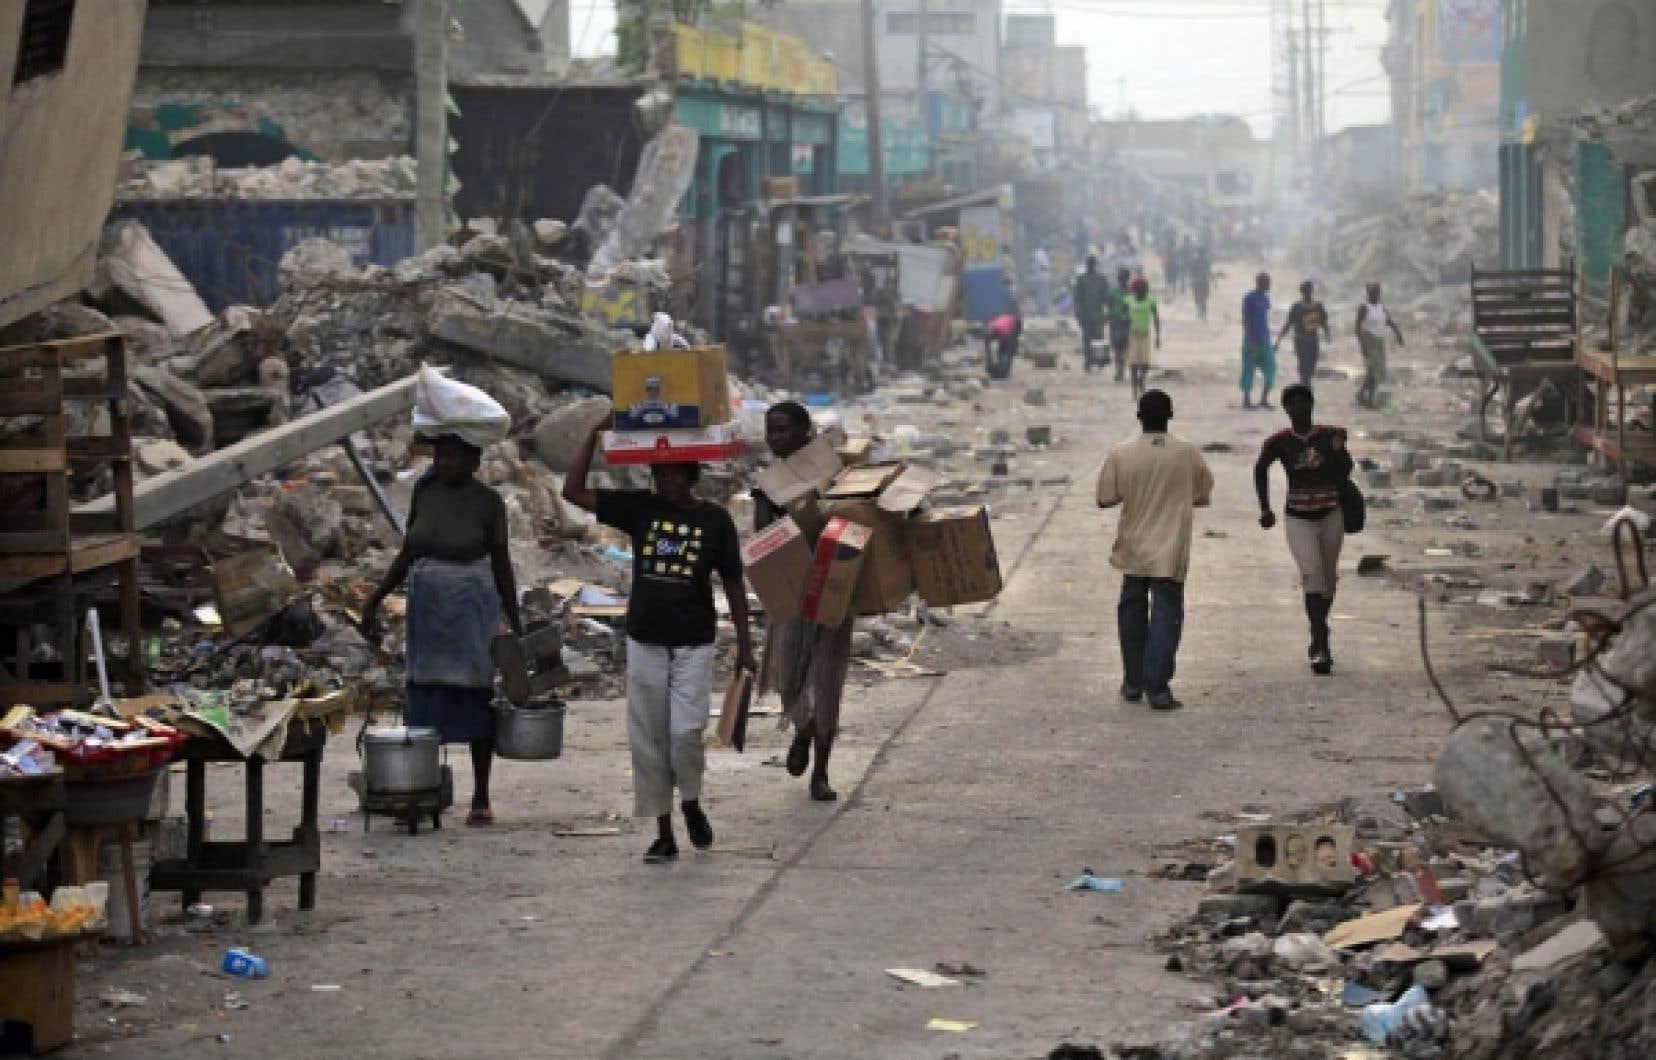 Le regroupement responsable du canular avait laissé croire que la France verserait 17 milliards d'euros pour la reconstruction d'Haïti, victime d'un séisme le 12 janvier dernier.<br />